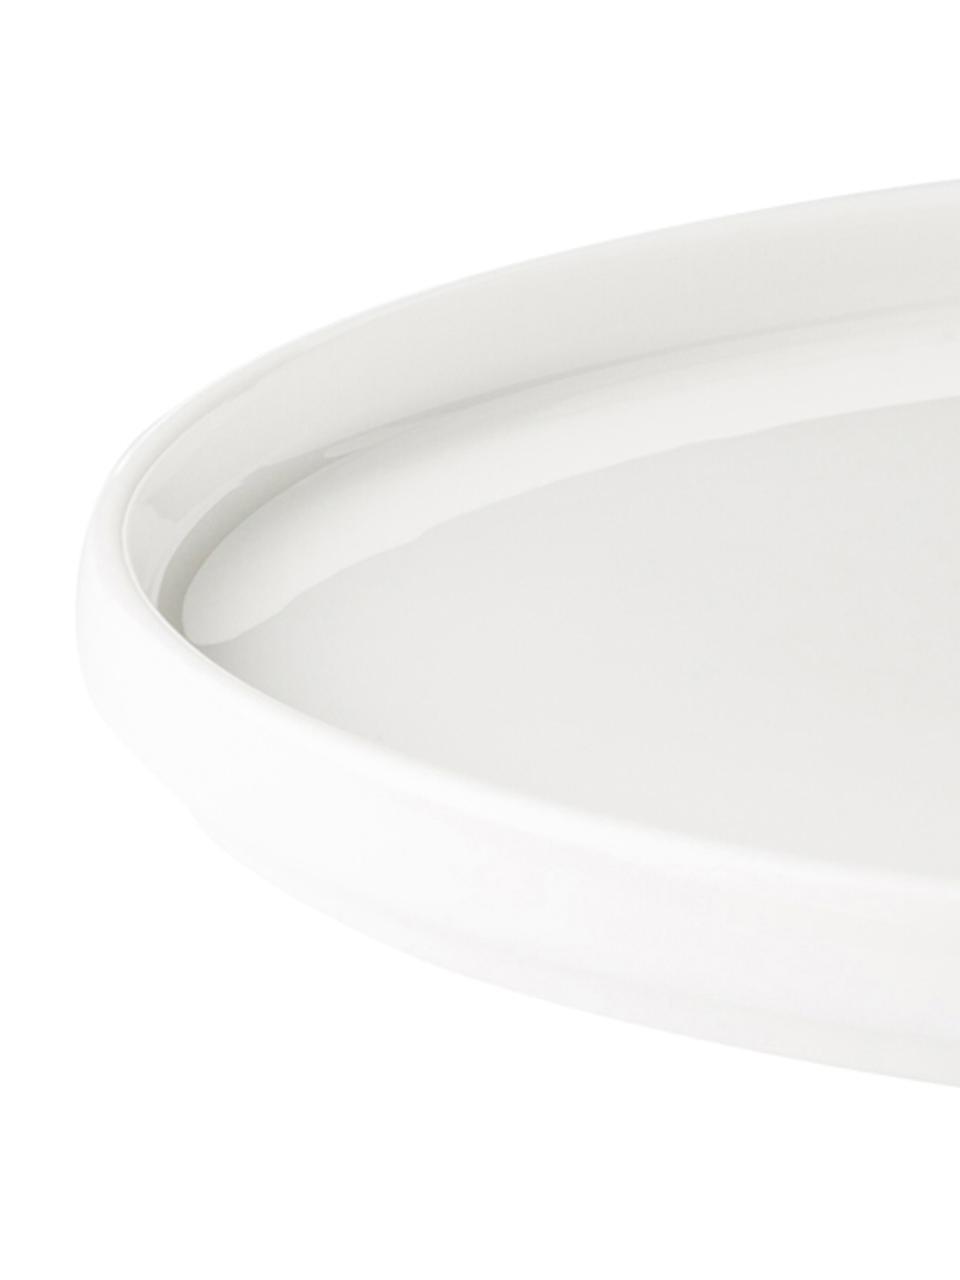 Design Frühstücksteller Personal mit Buchstaben (Varianten von A bis Z), Fine Bone China (Porzellan) Fine Bone China ist ein Weichporzellan, das sich besonders durch seinen strahlenden, durchscheinenden Glanz auszeichnet., Weiss, Schwarz, Teller M